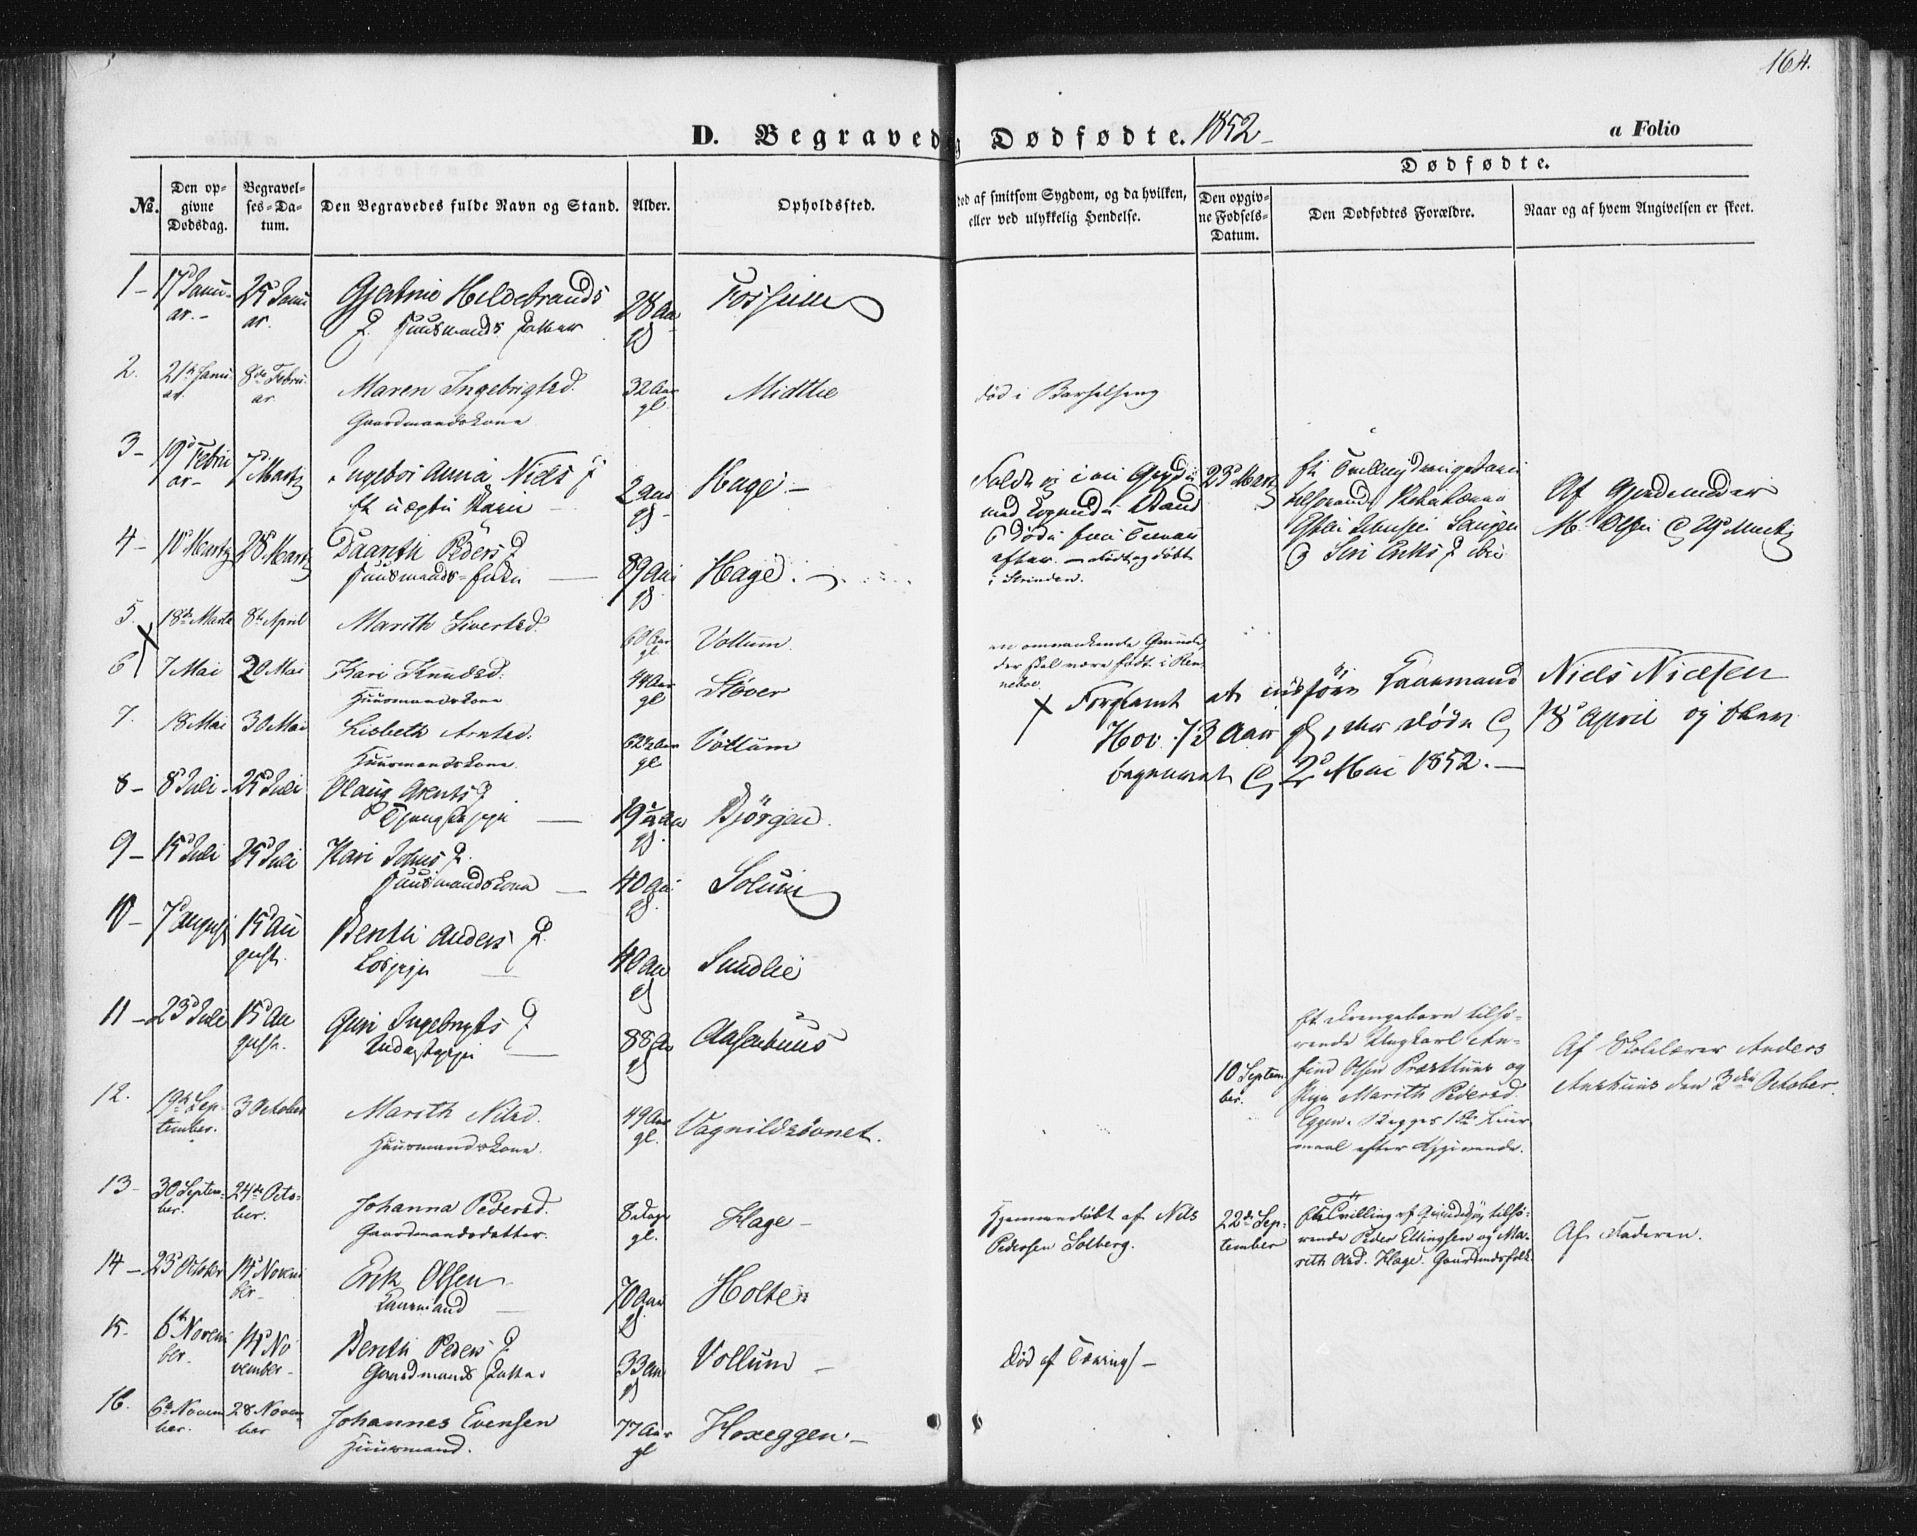 SAT, Ministerialprotokoller, klokkerbøker og fødselsregistre - Sør-Trøndelag, 689/L1038: Ministerialbok nr. 689A03, 1848-1872, s. 164